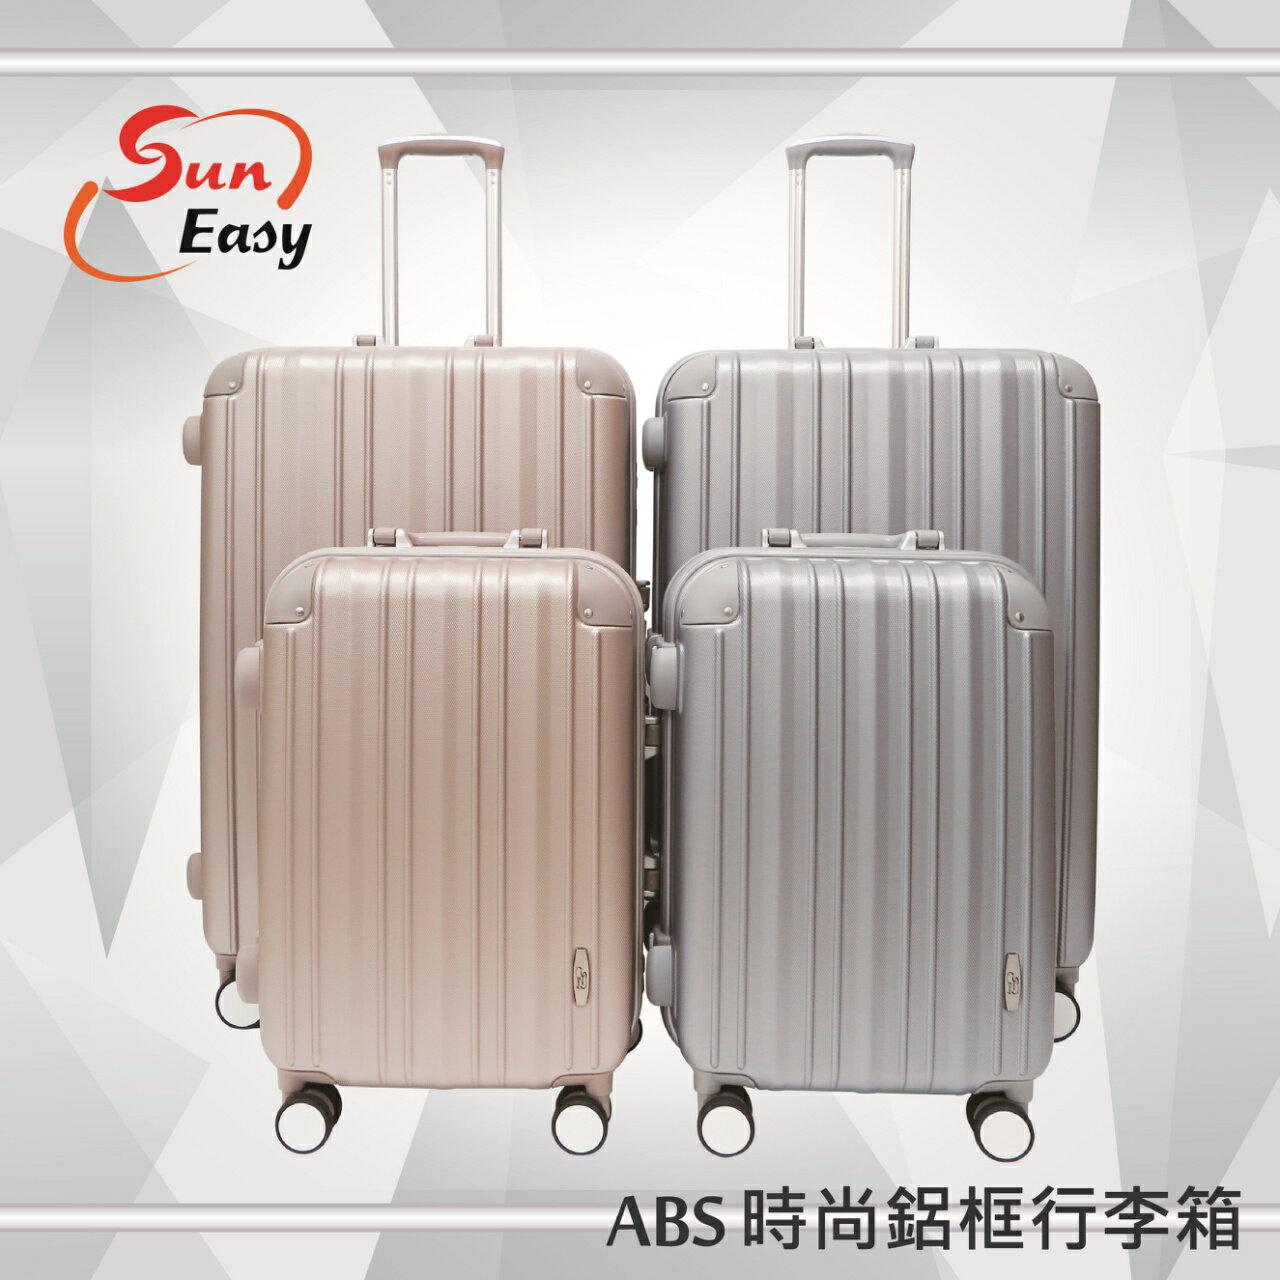 【SunEasy生活館】Suneasy 時尚鋁框行李箱20吋/硬殼/海關鎖/鋁拉桿/大白輪